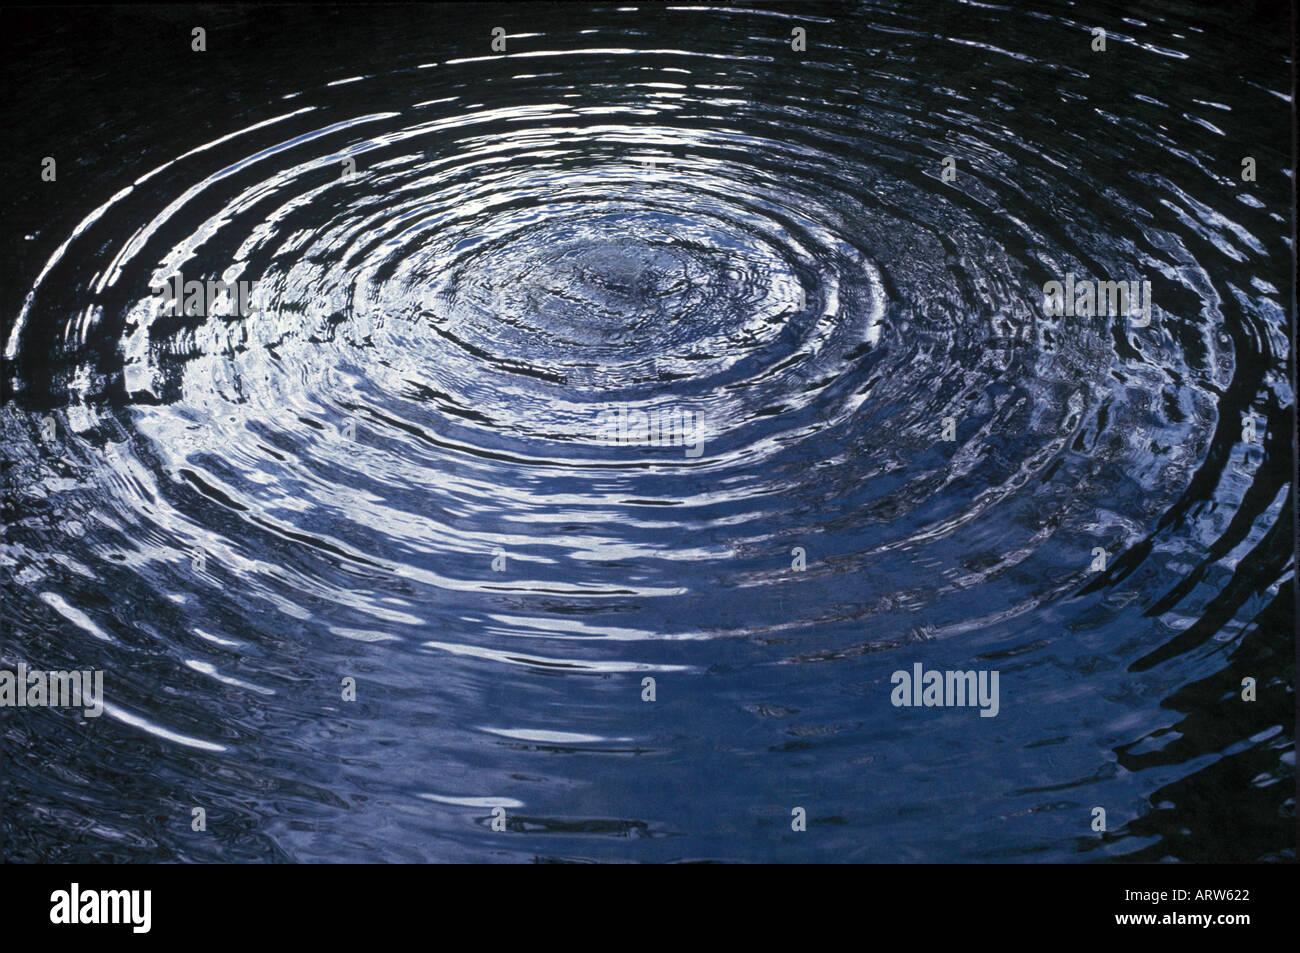 Increspature circolari su acqua Immagini Stock